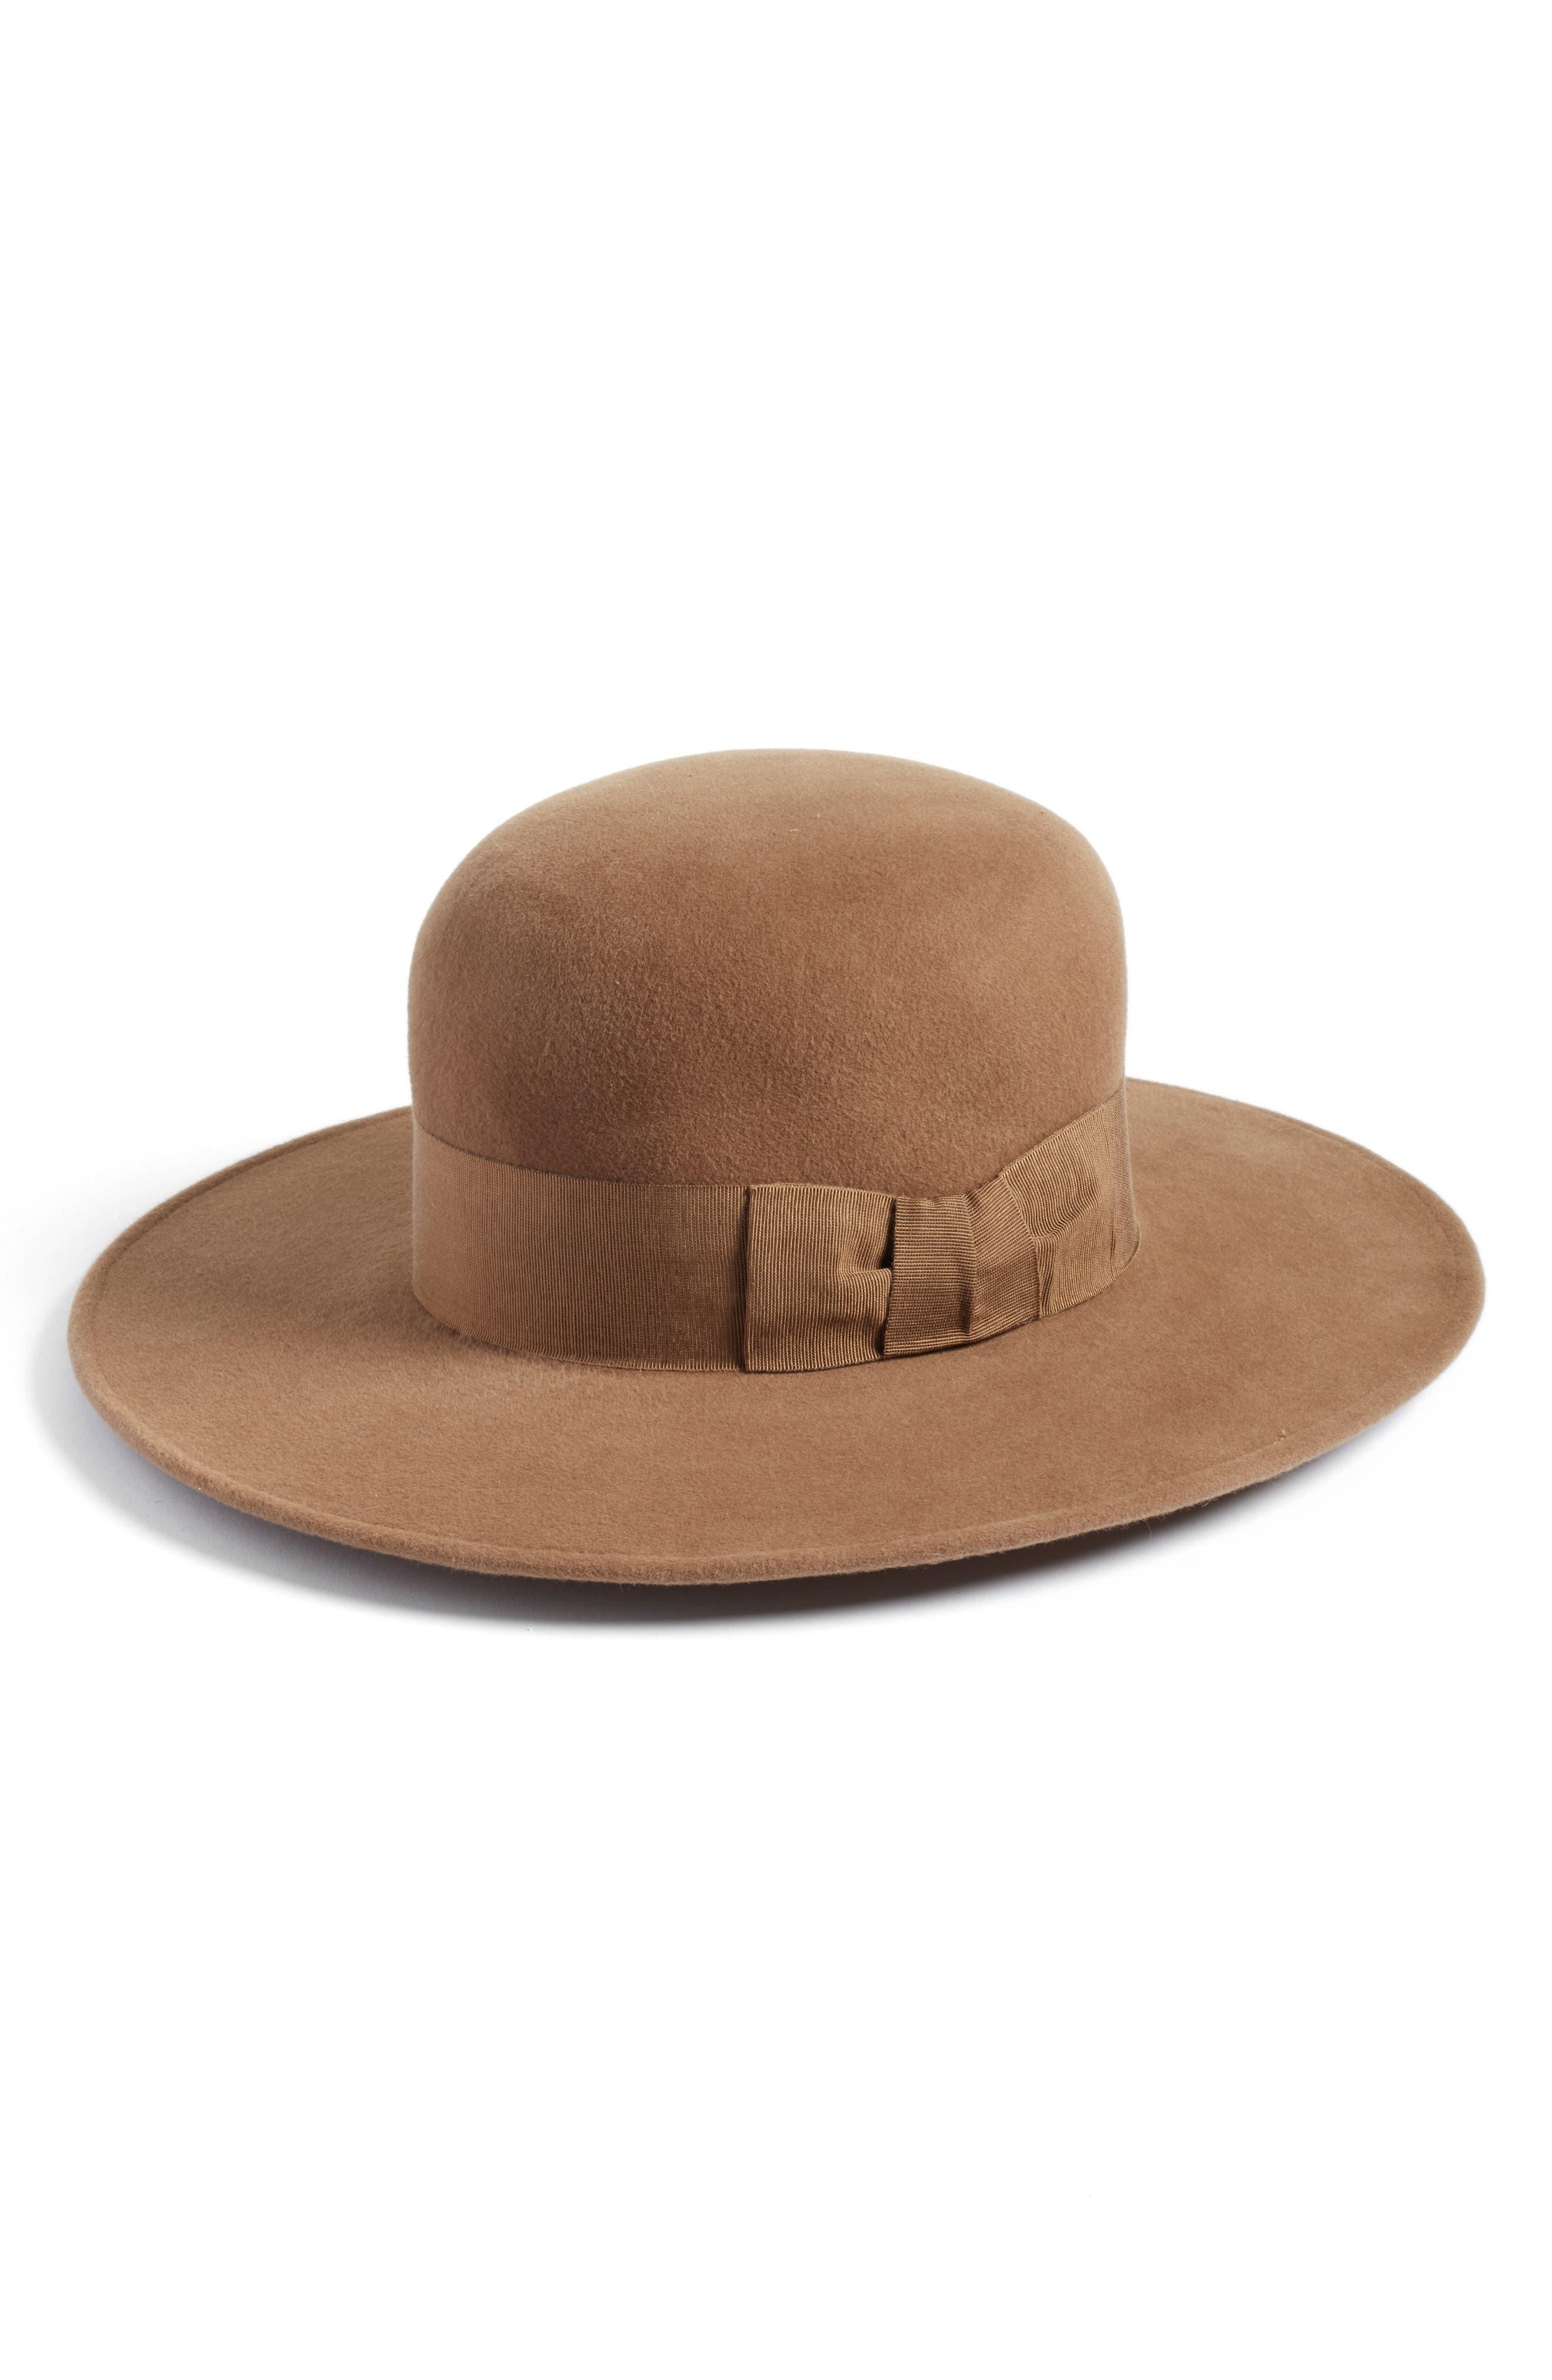 Velour Padre Fur Felt Wide Brim Hat,                         Main,                         color, Camel